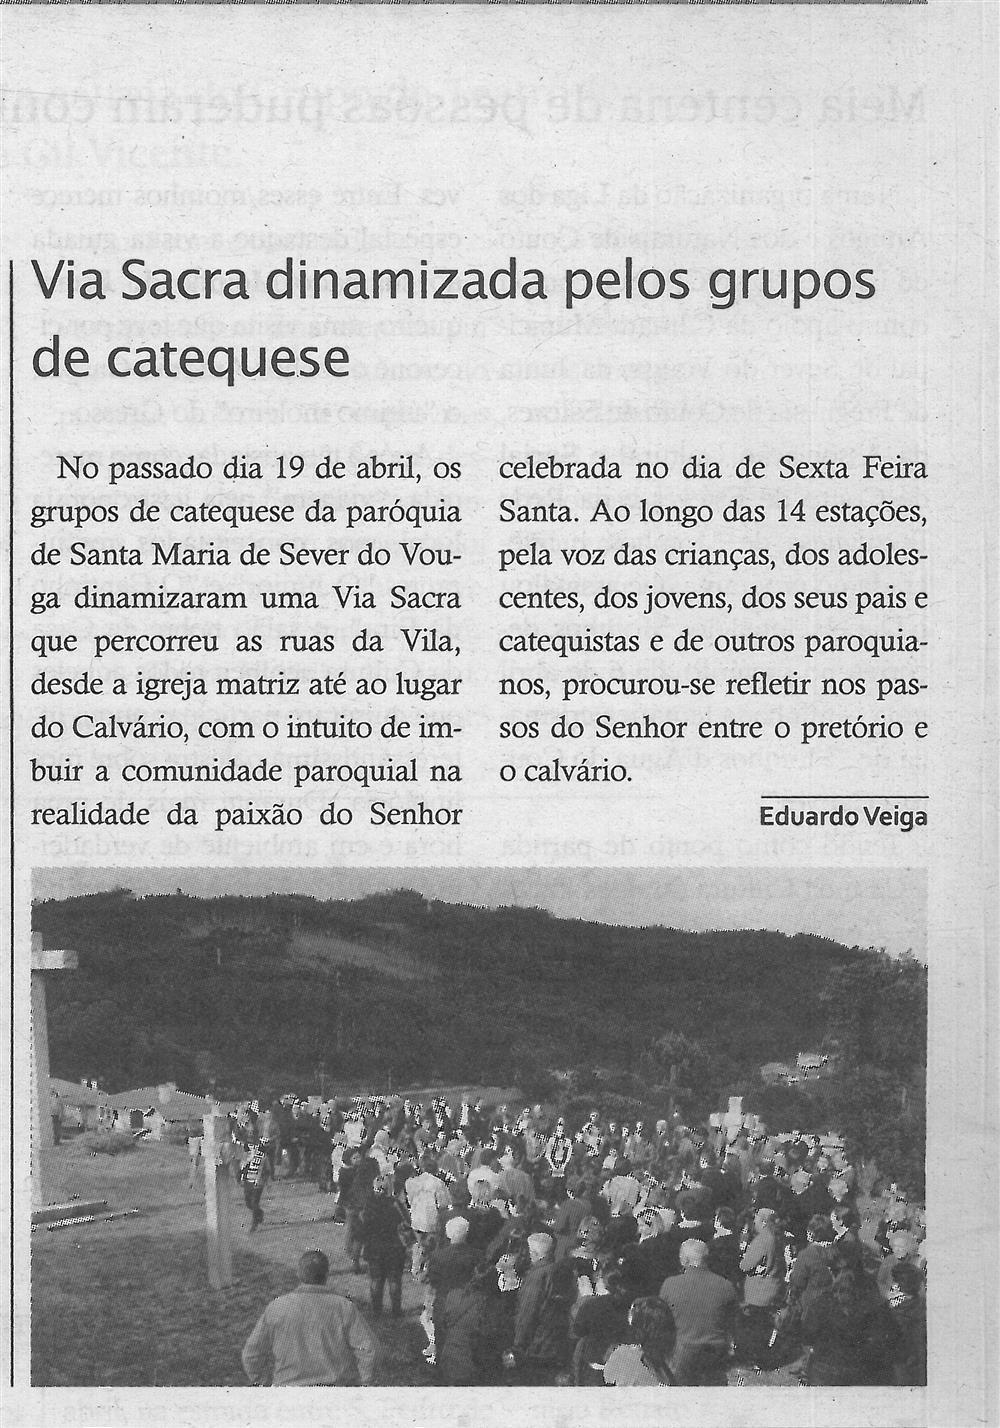 TV-maio'19-p.10-Paróquias : Paróquia de Santa Maria, Sever do Vouga : Via Sacra dinamizada pelos grupos de catequese.jpg